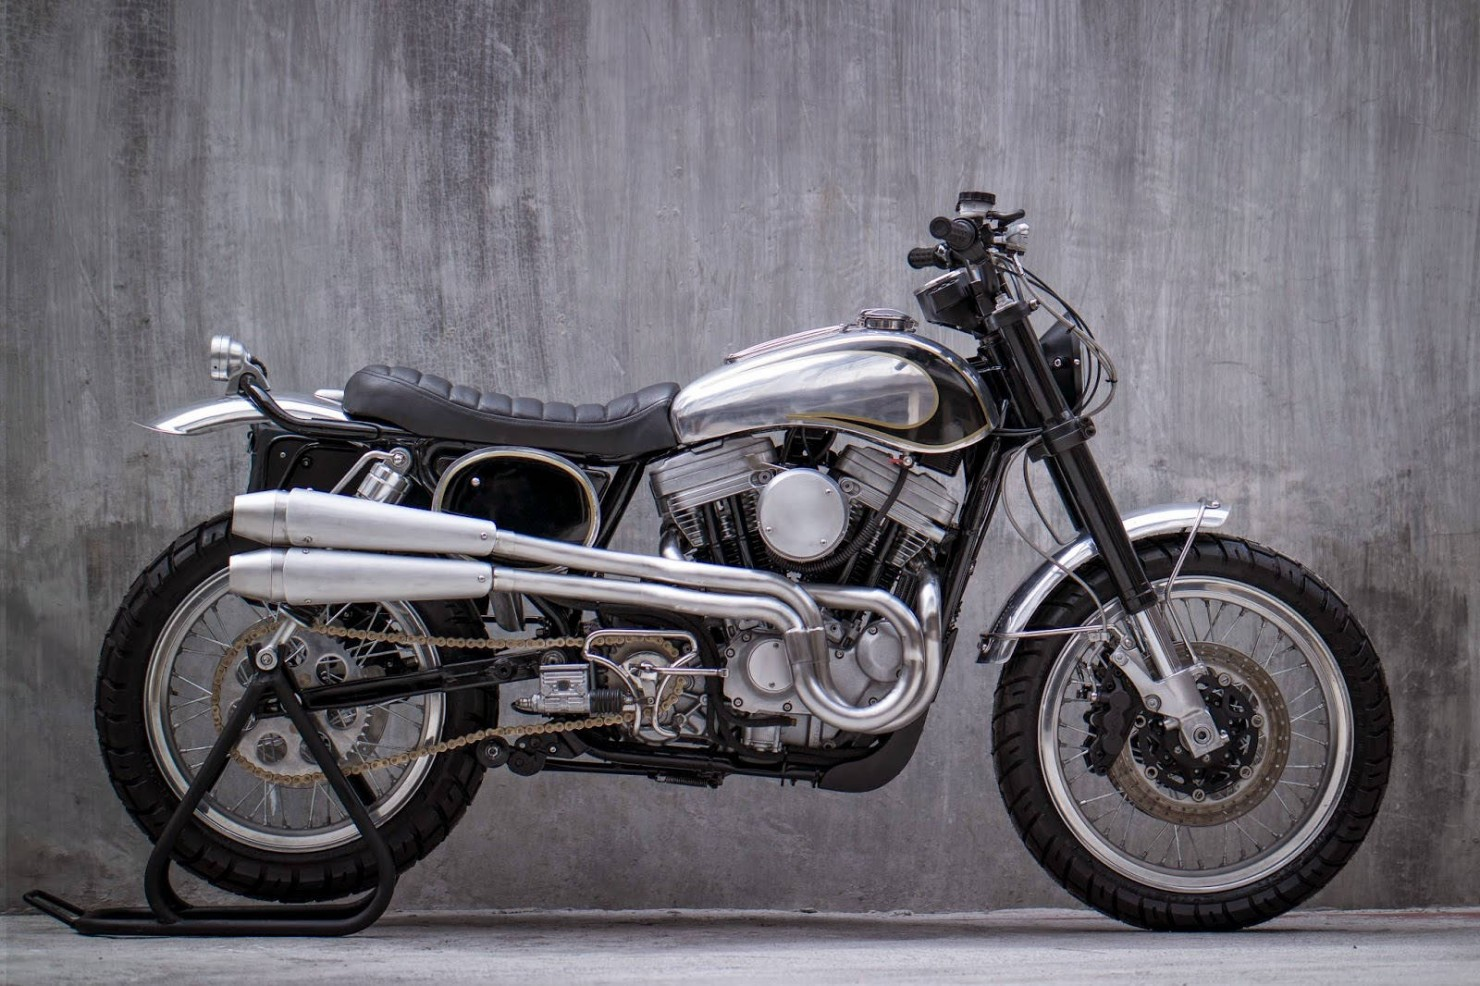 Harley-Davidson-Scrambler-Motorcycle-9